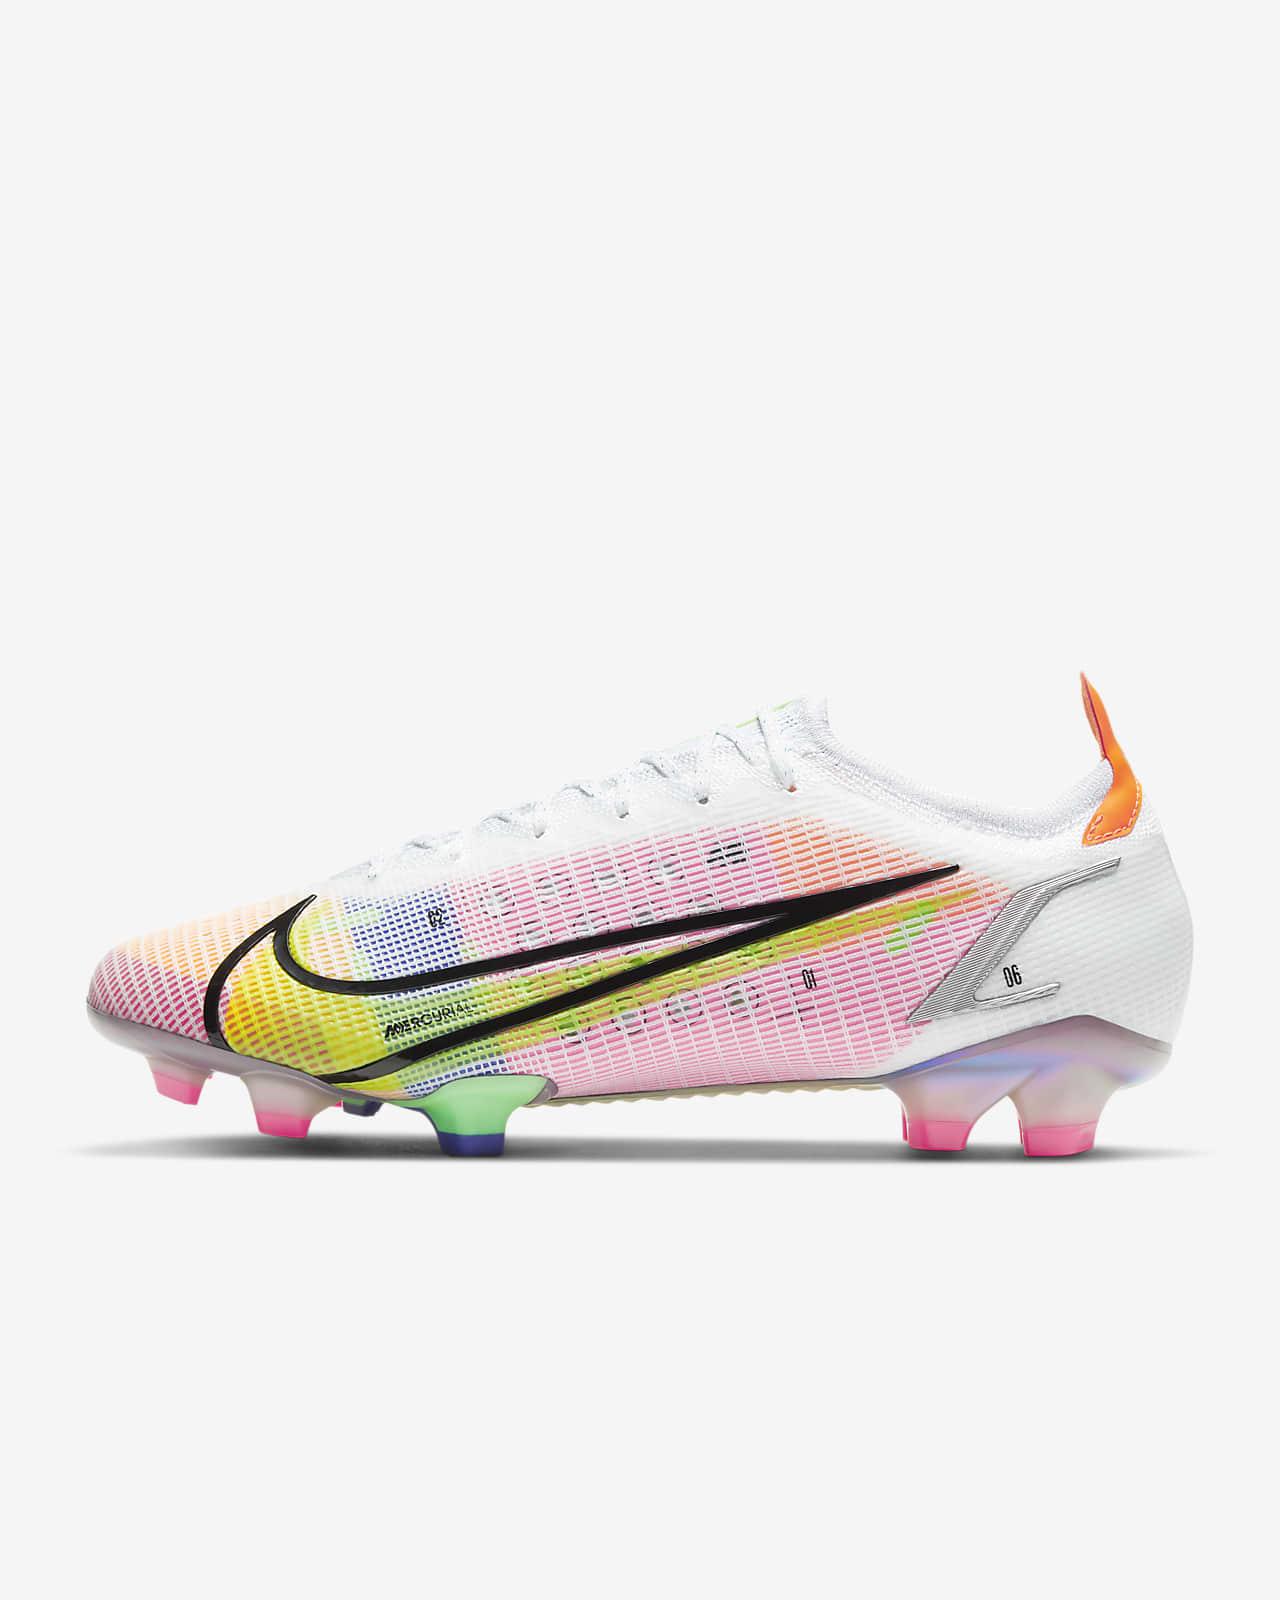 Fotbollssko för gräs Nike Mercurial Vapor 14 Elite FG